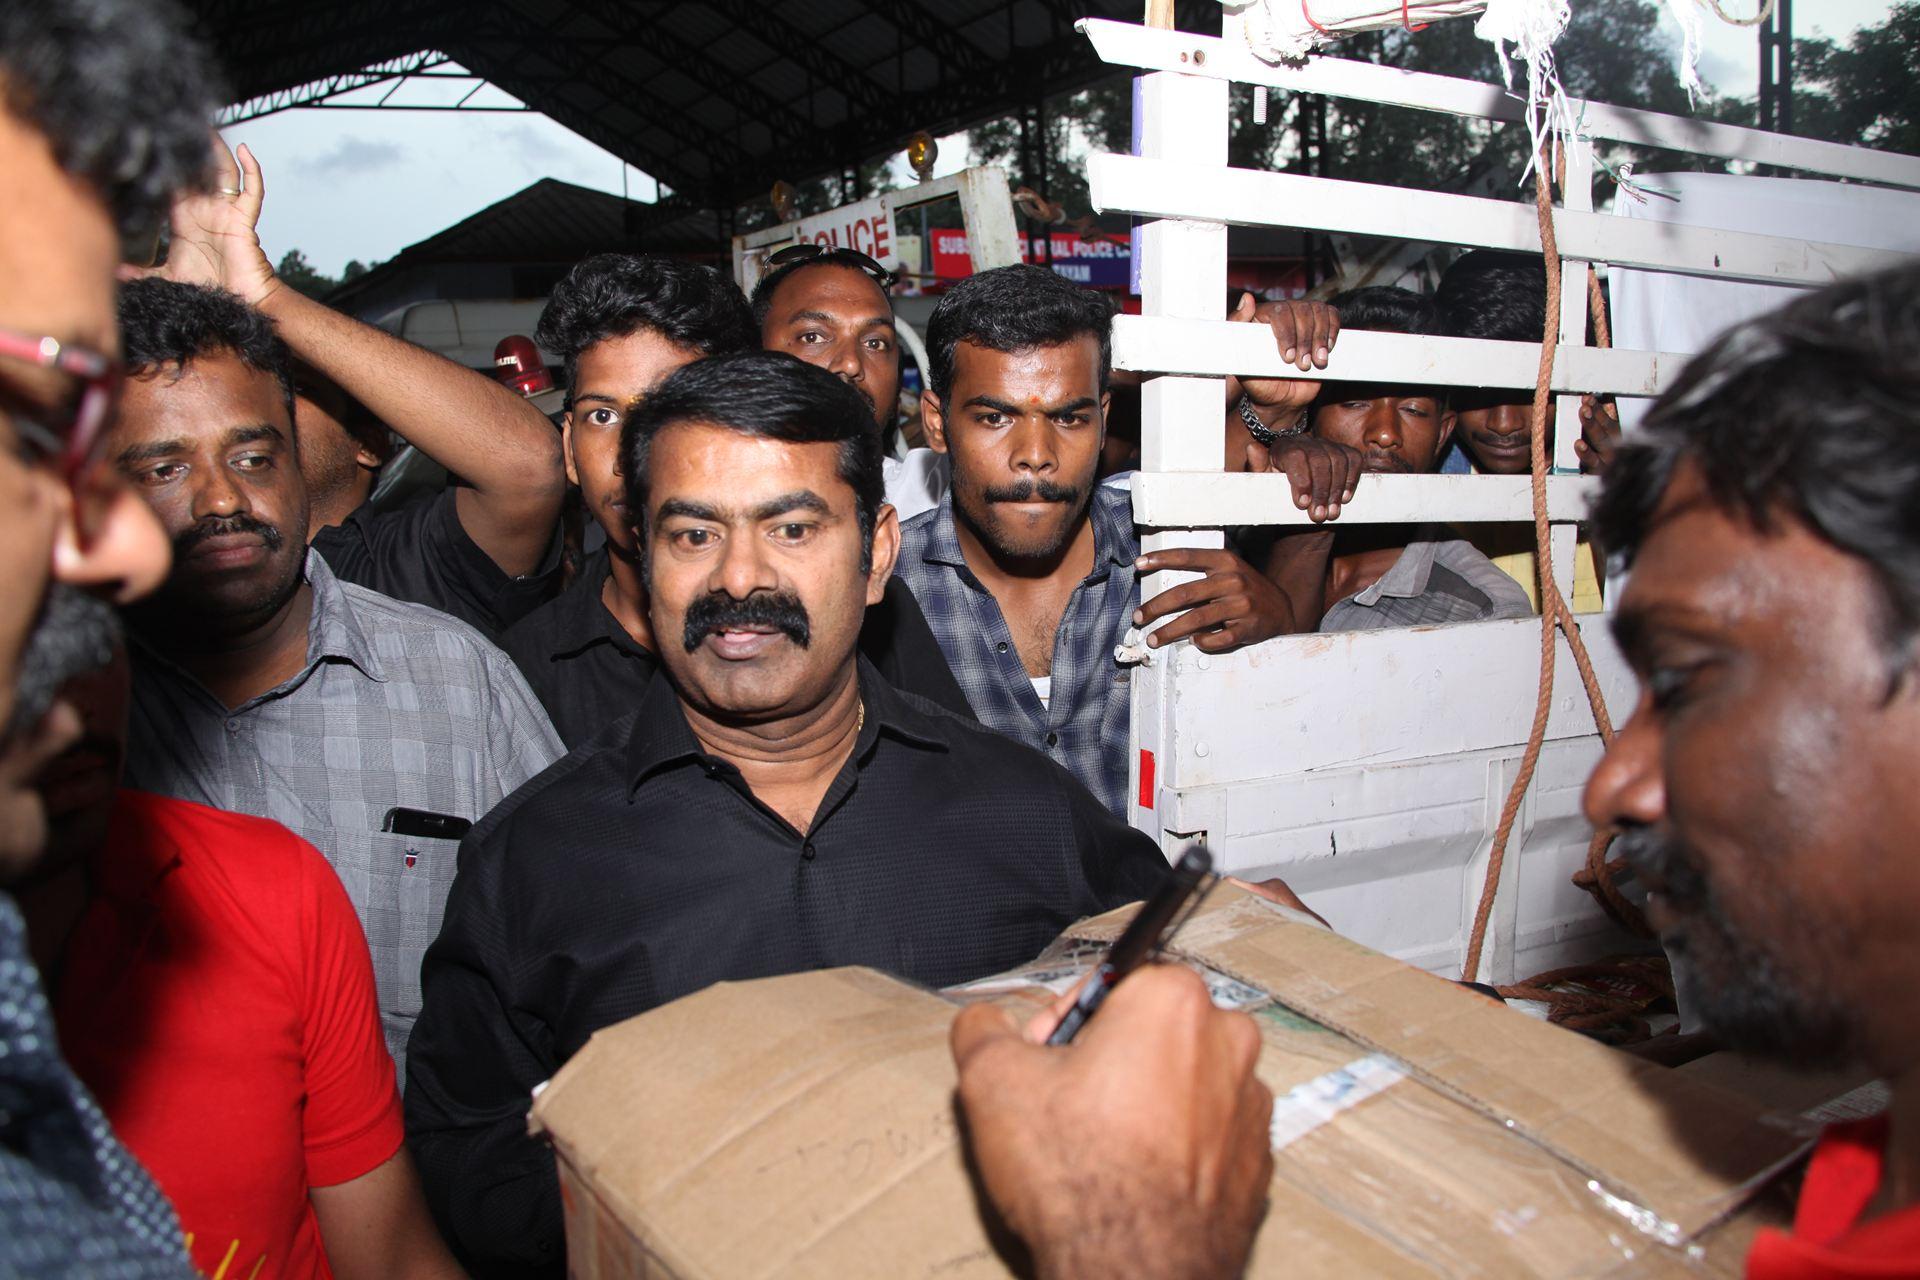 வெள்ள நிவாரணப் பொருட்களை வழங்கச் சென்ற சீமானிடம் கேரள காவல்துறையினர் விசாரணை naam tamilar katchi seeman visits kerala flood affected area flood relief campaign kottayam sanganasery camp 4